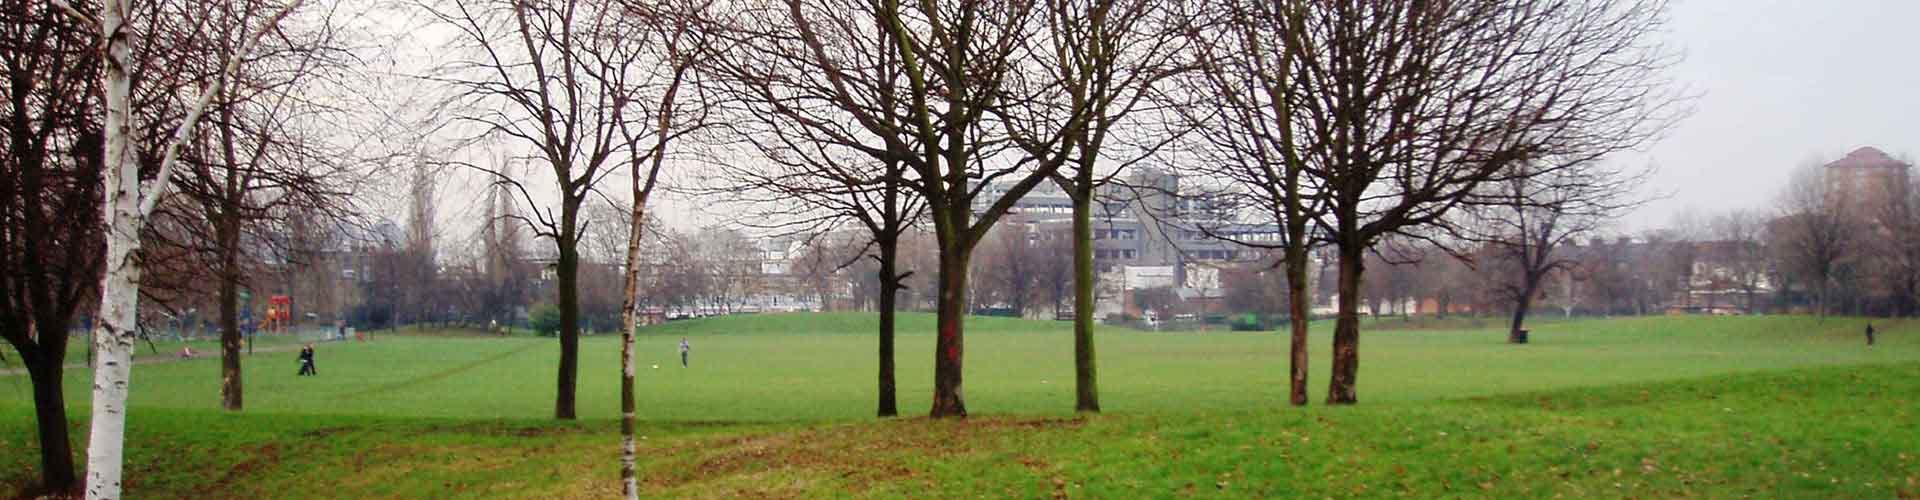 London – Hostels im Stadtteil Borough of Lambeth. London auf der Karte. Fotos und Bewertungen für jedes Hostel in London.